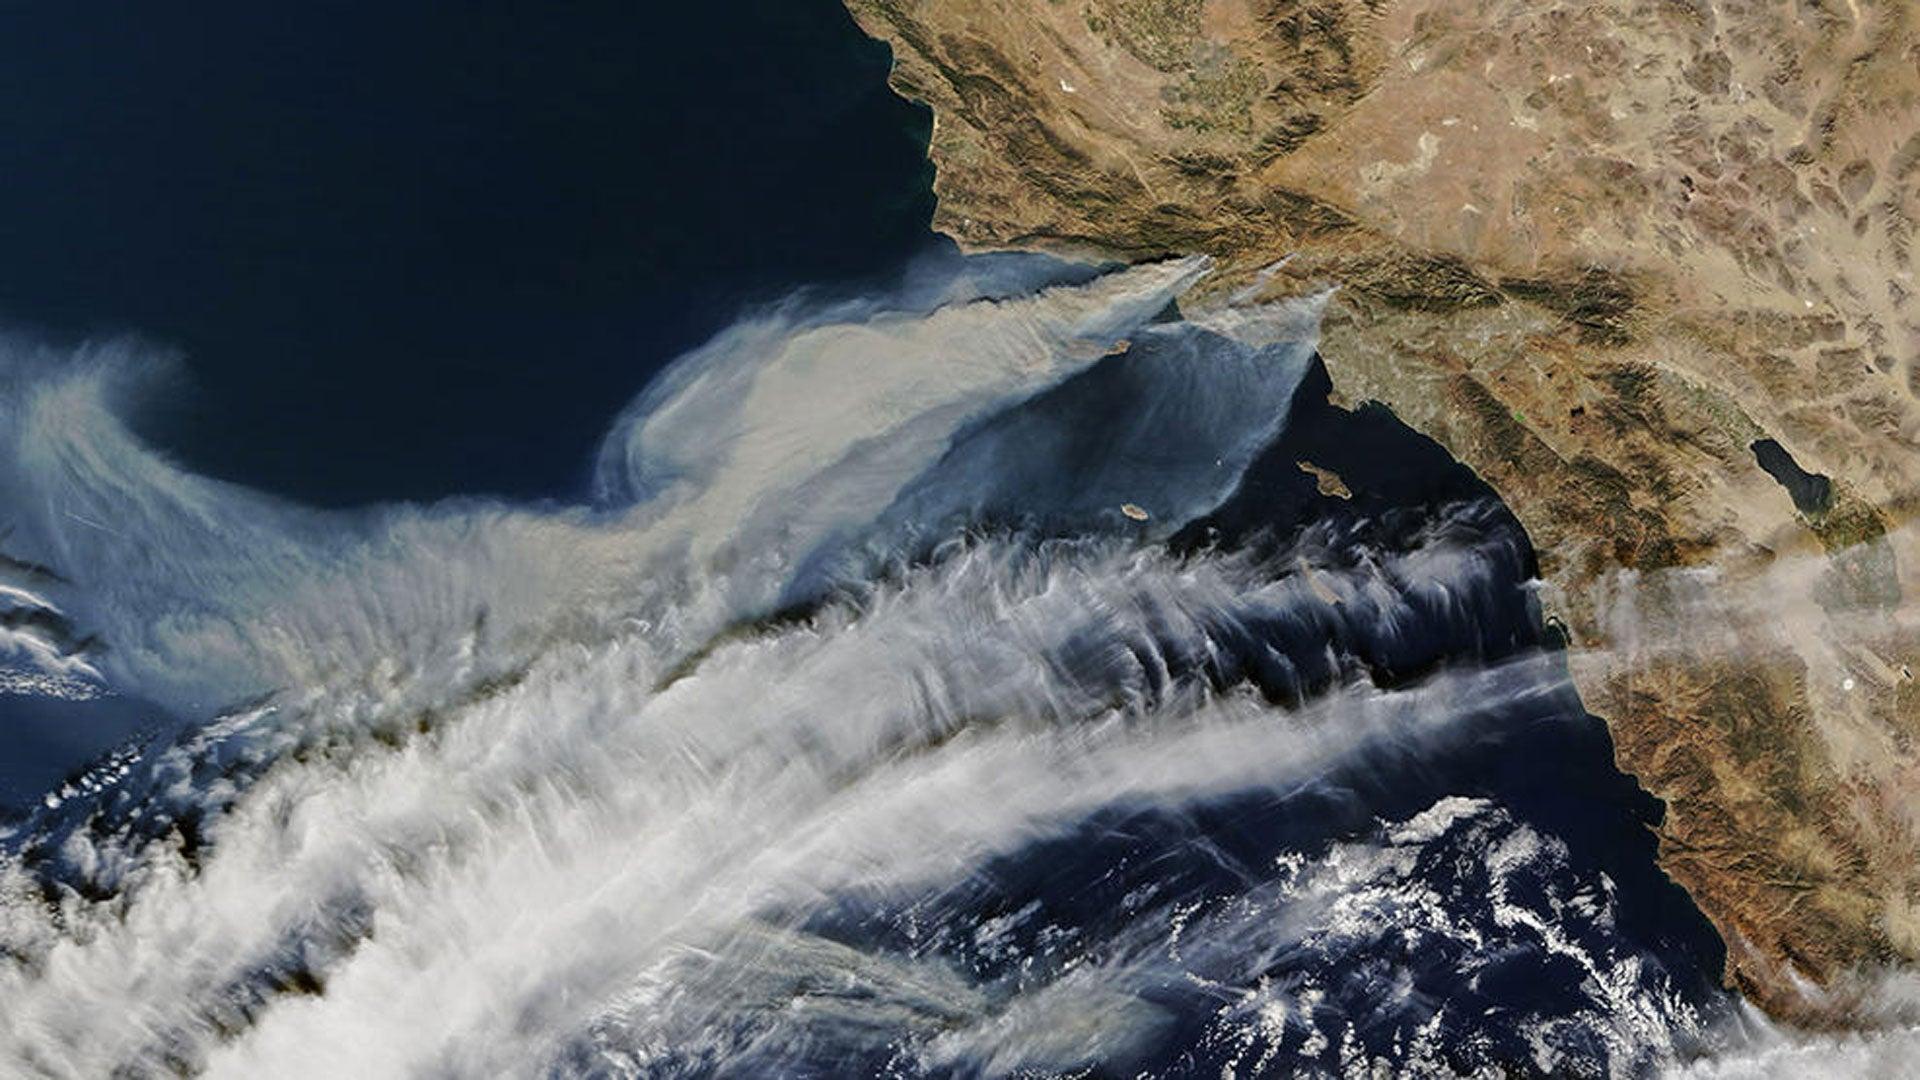 Les images impressionnantes des incendies en Californie vus de l'espace